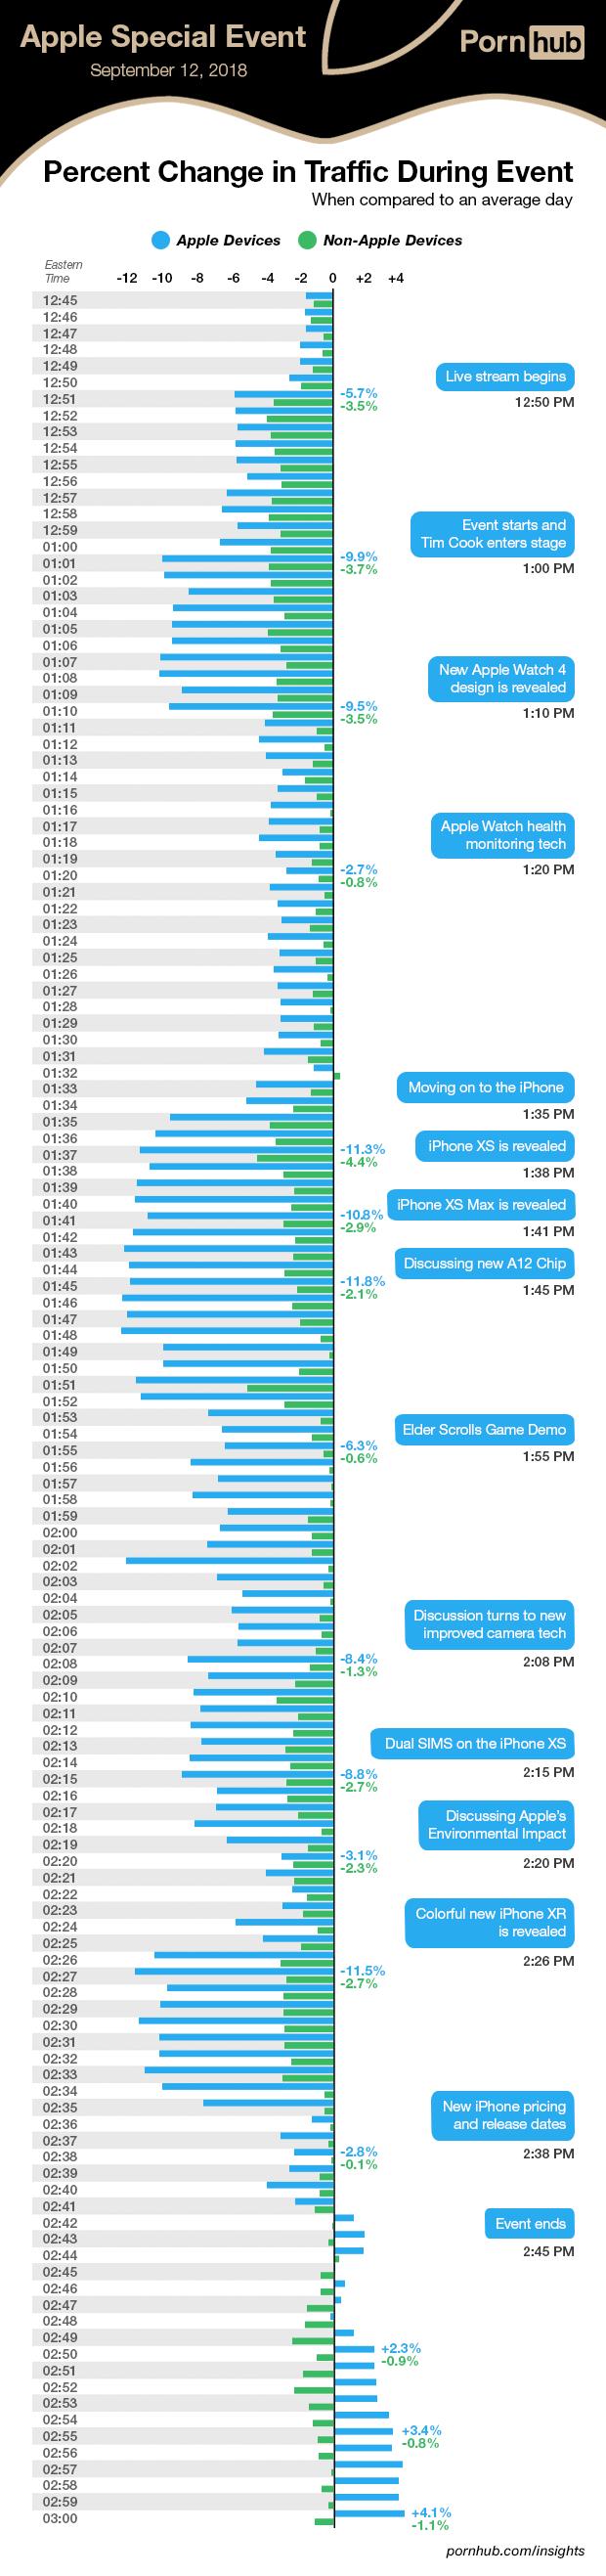 매일 9000만명의 이용자가 접속하는 성인용 사이트 폰허브가 공개한 아이폰 공개 행사 기간 동안의 데이터 트래픽 추이. 파란색 막대기는 iOS기기, 녹색은 안드로이드 기기.